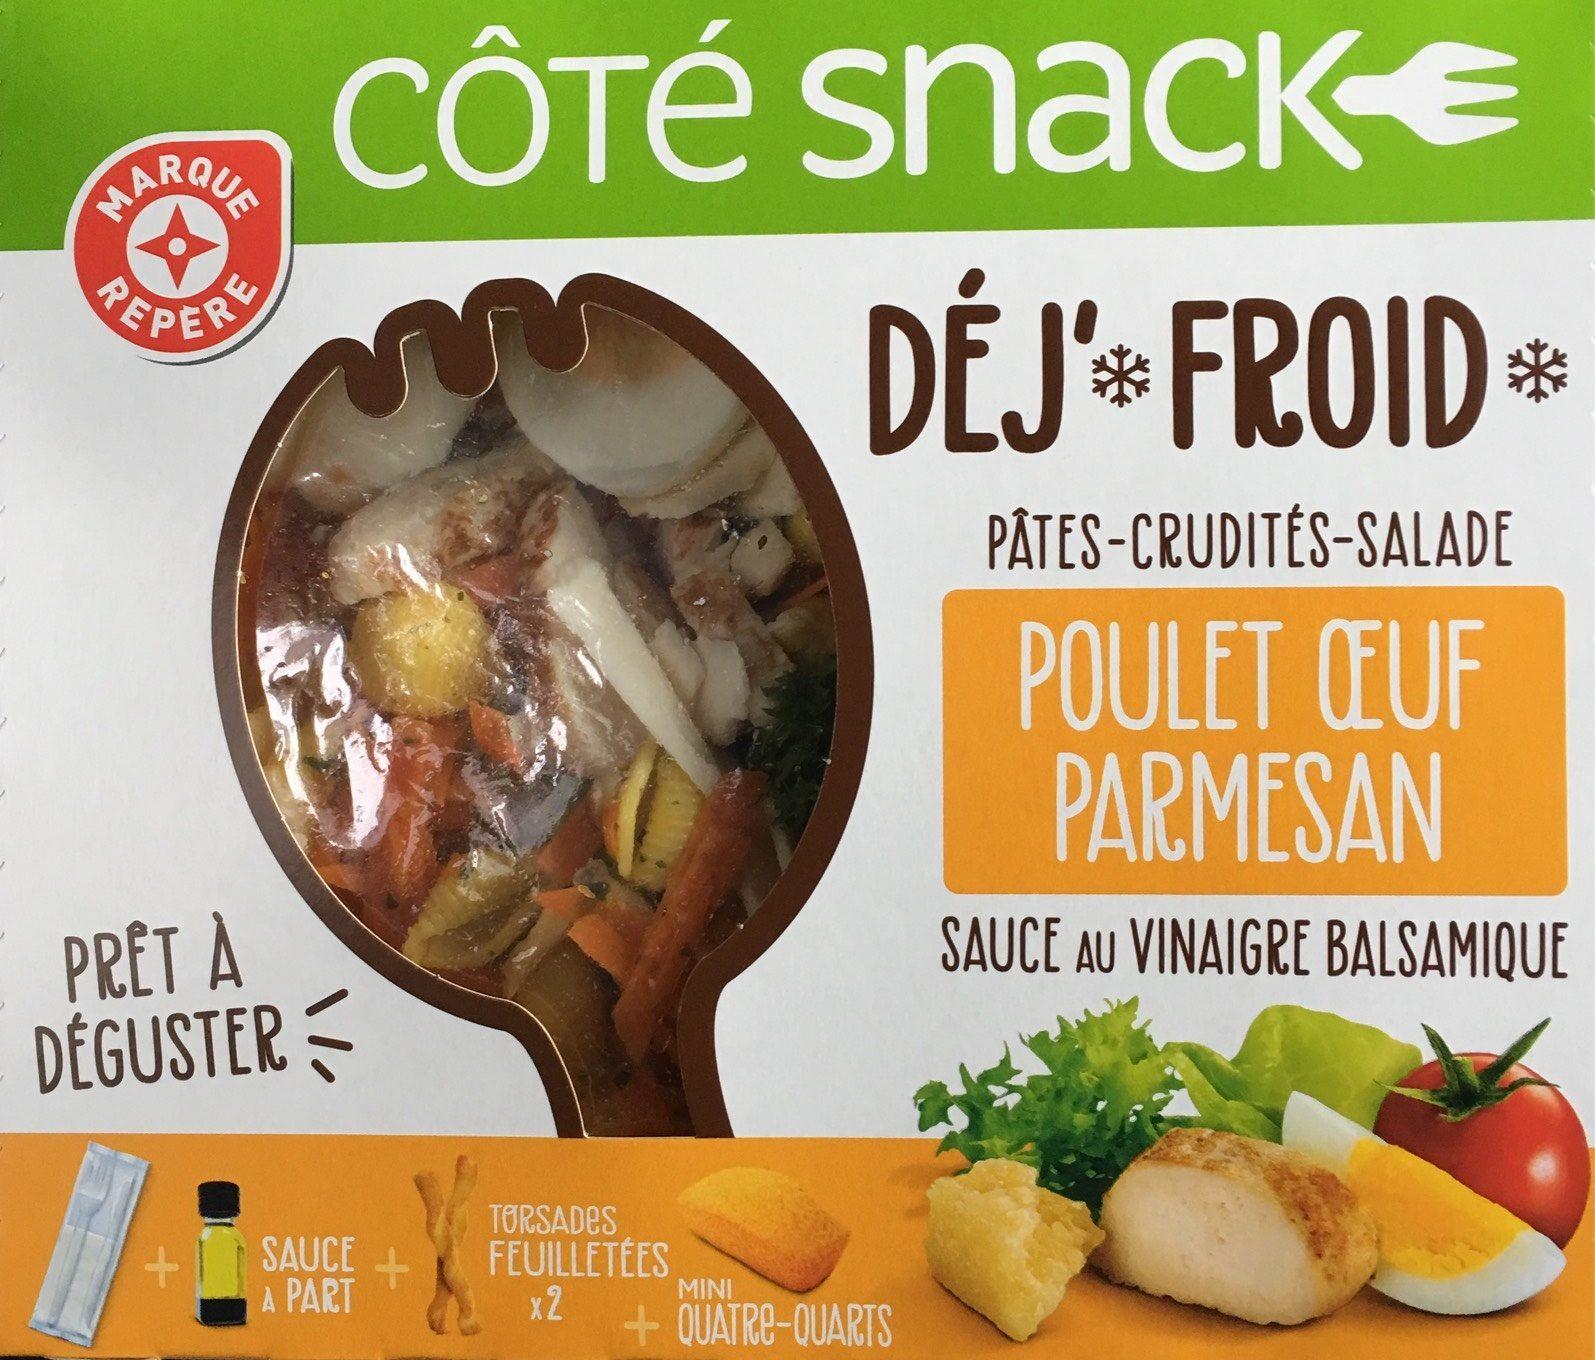 Salade poulet crudités parmesan - coffret - Product - fr